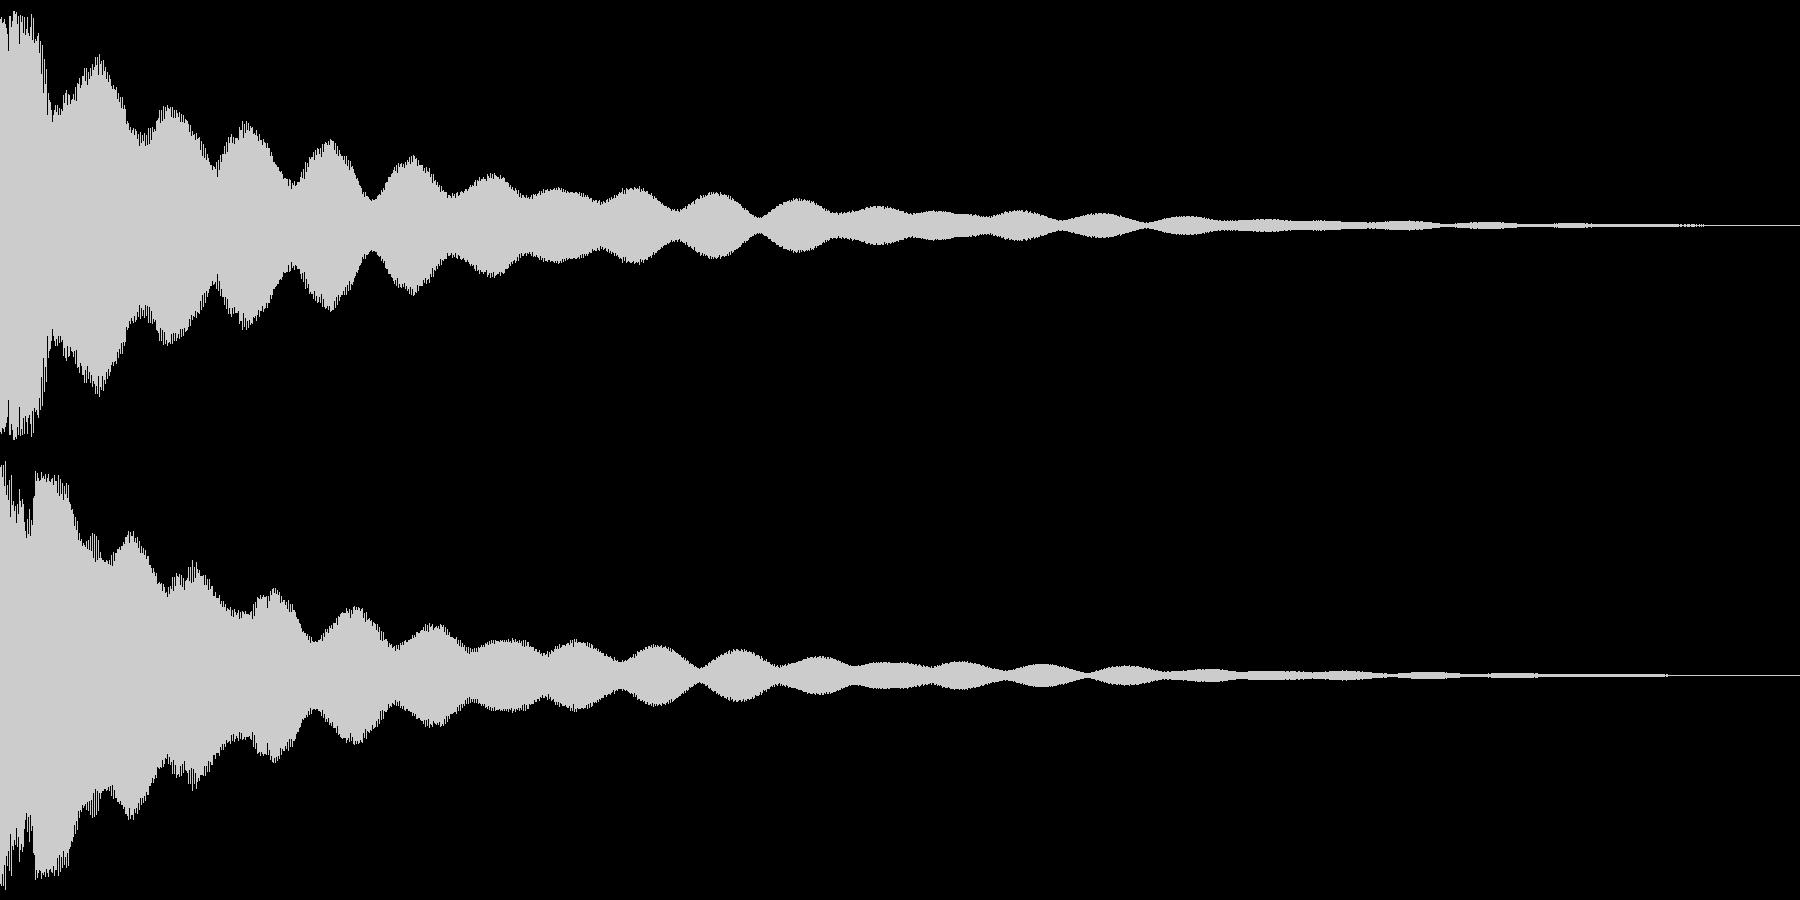 チーン 仏具の鐘、お鈴 ver.Bの未再生の波形